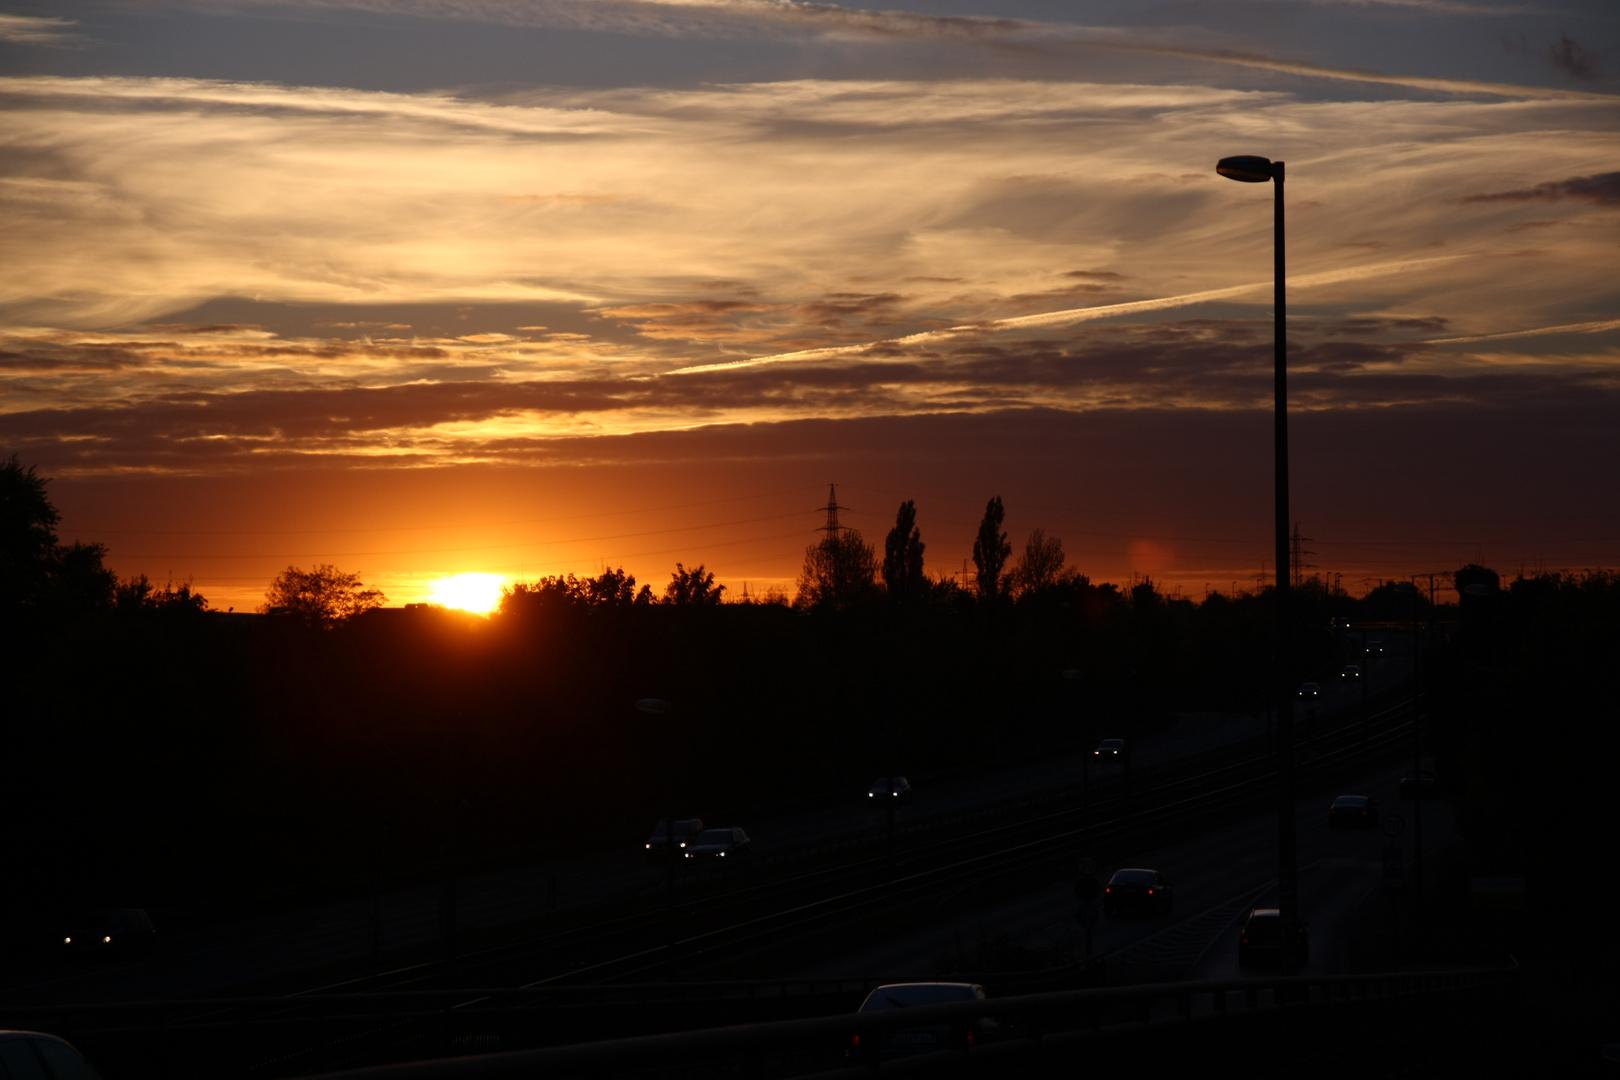 Sunset No. 2